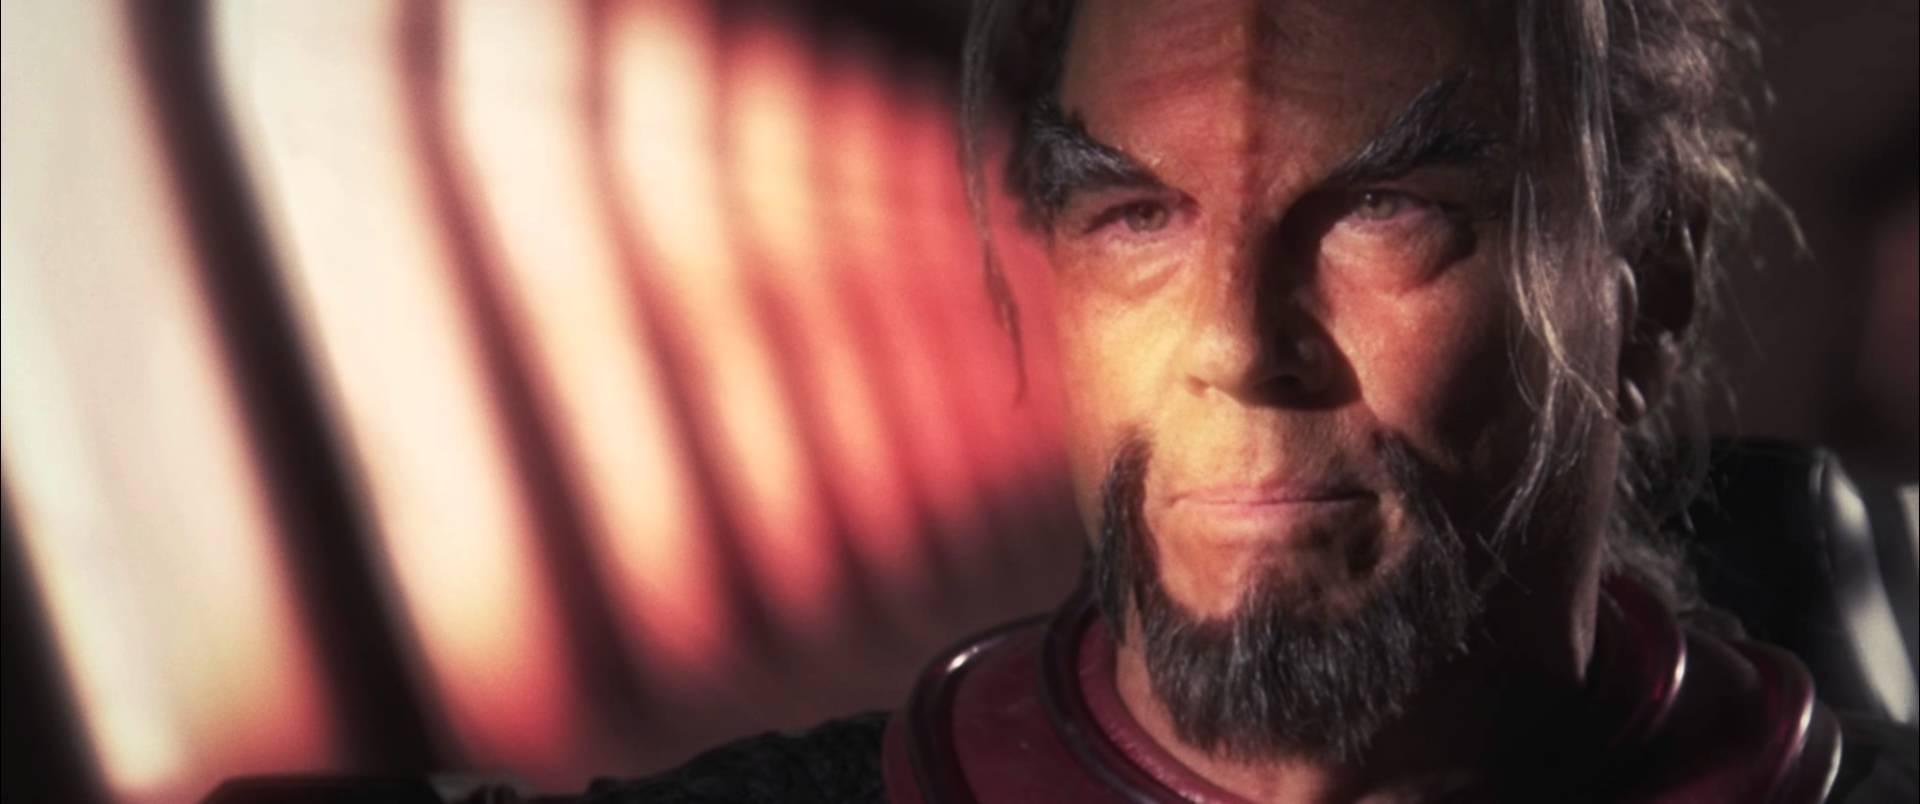 Star Trek Axanar – Trailer zu hochwertig produzierten Fanfilm